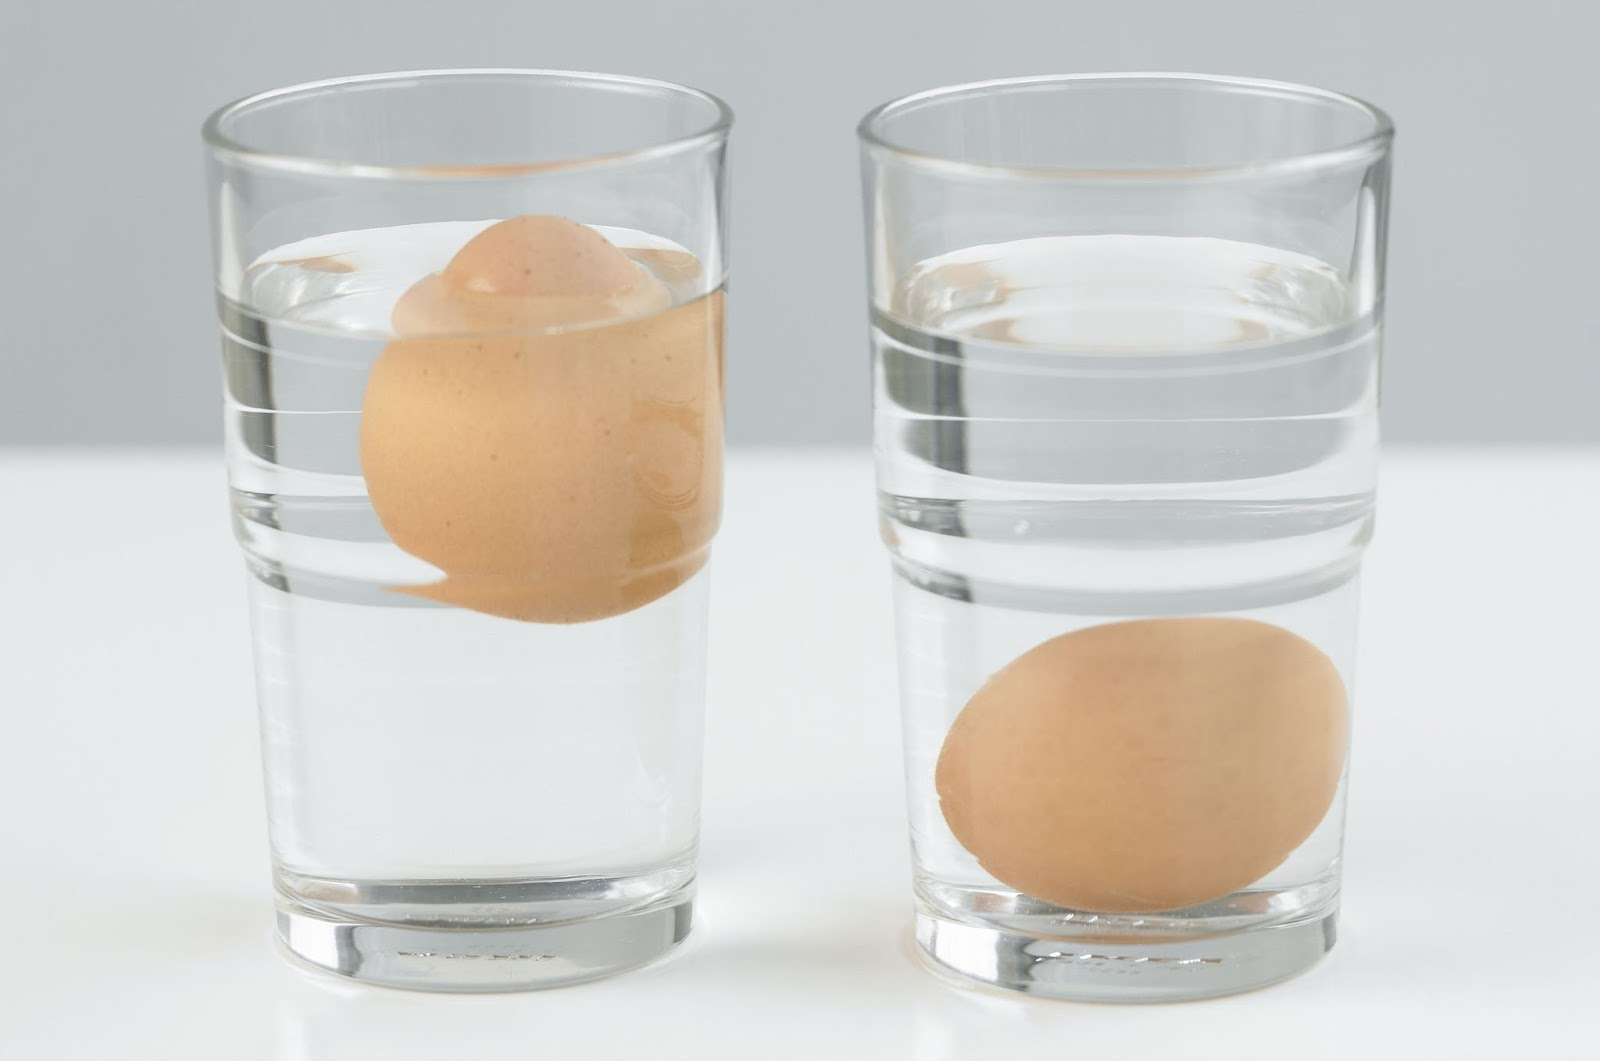 Kenali Ciri Ciri Telur Yang Tidak Baik Agar Tidak Salah